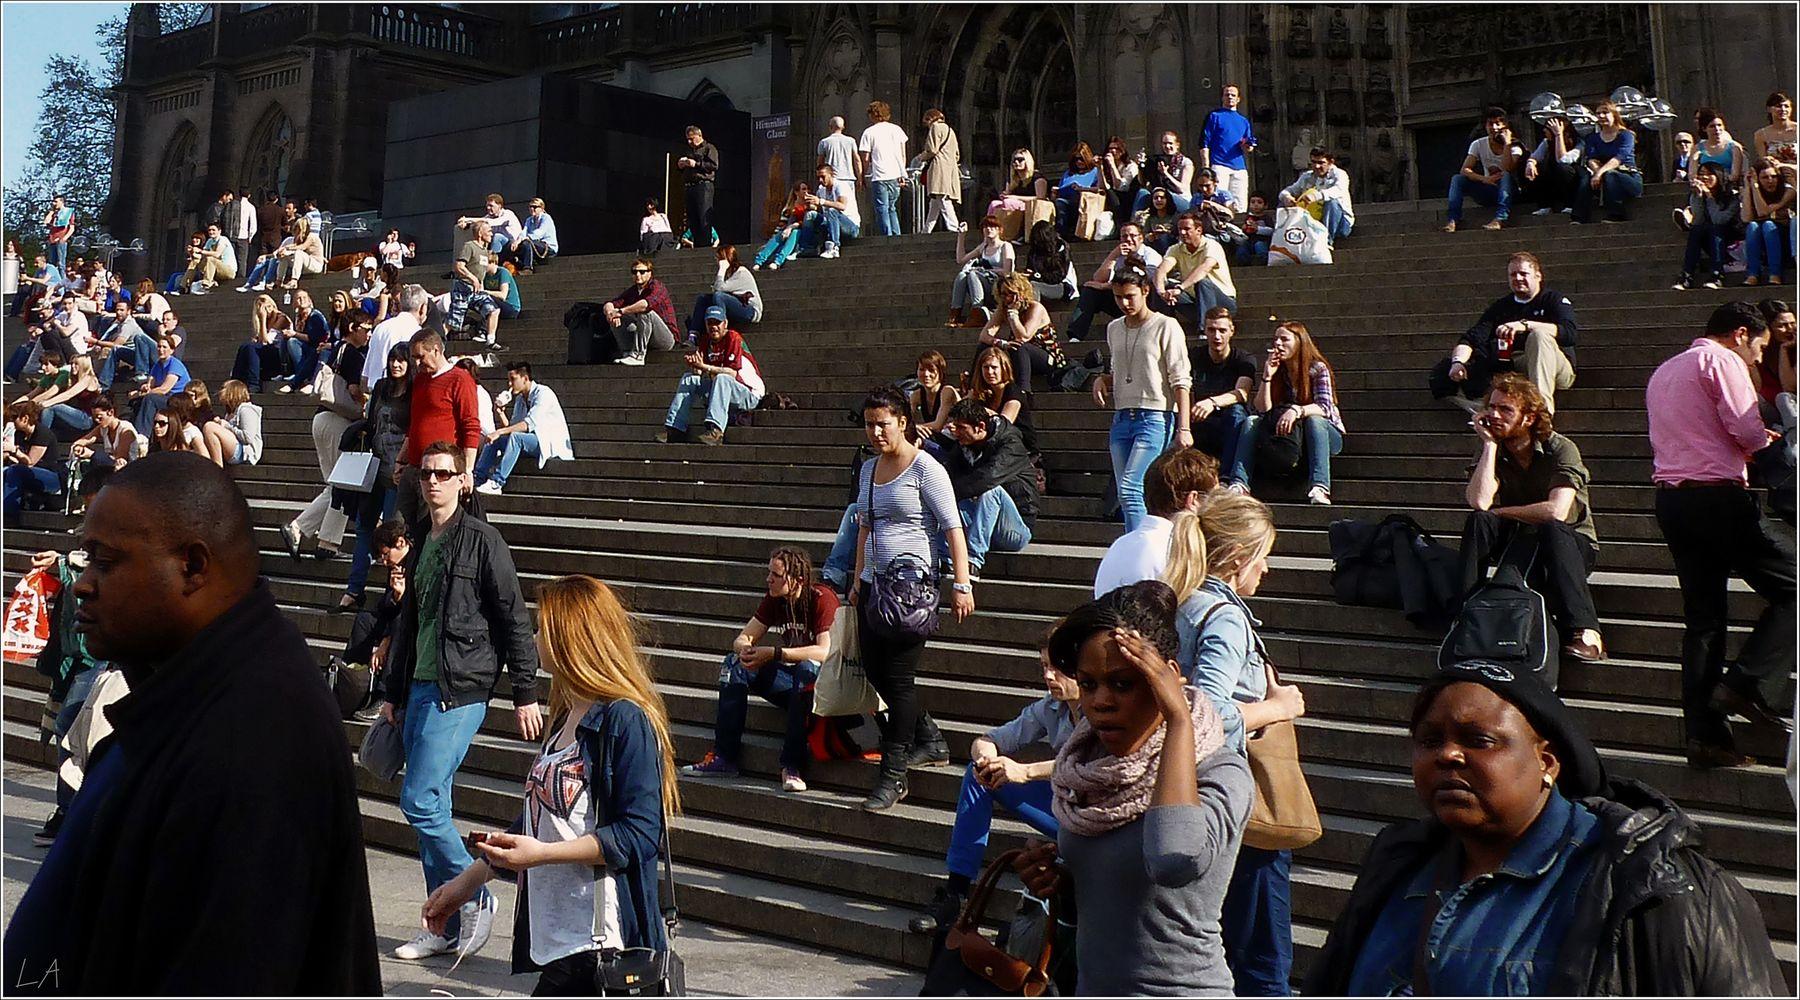 *Беззаботные европейцы прошлых лет* фотография путешествия Европа Германия Кёльн европейцы жанр весна Фото.Сайт Светлана Мамакина Lihgra Adventure